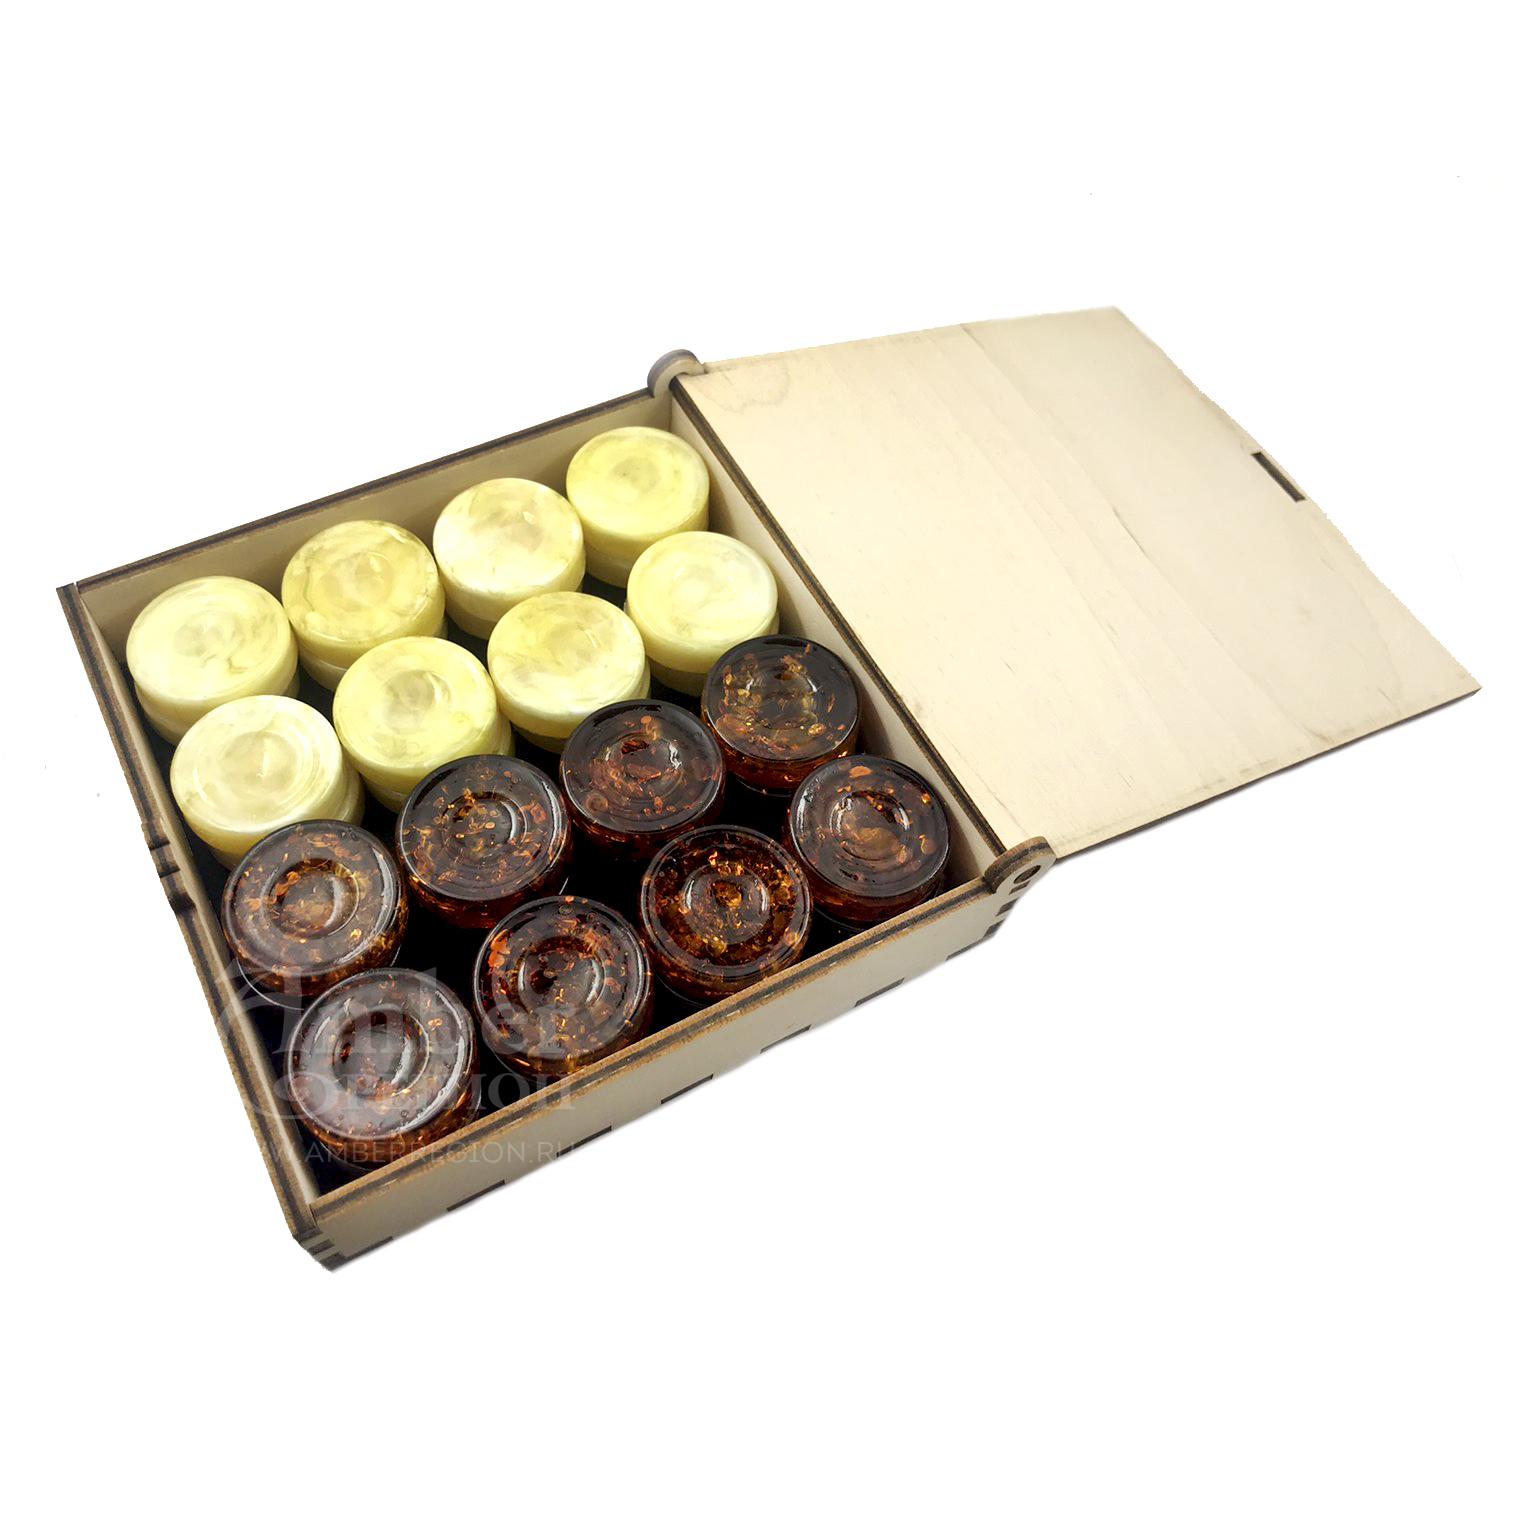 Шашки-нарды (цвет коньячный - слоновая кость) 5 комплектов